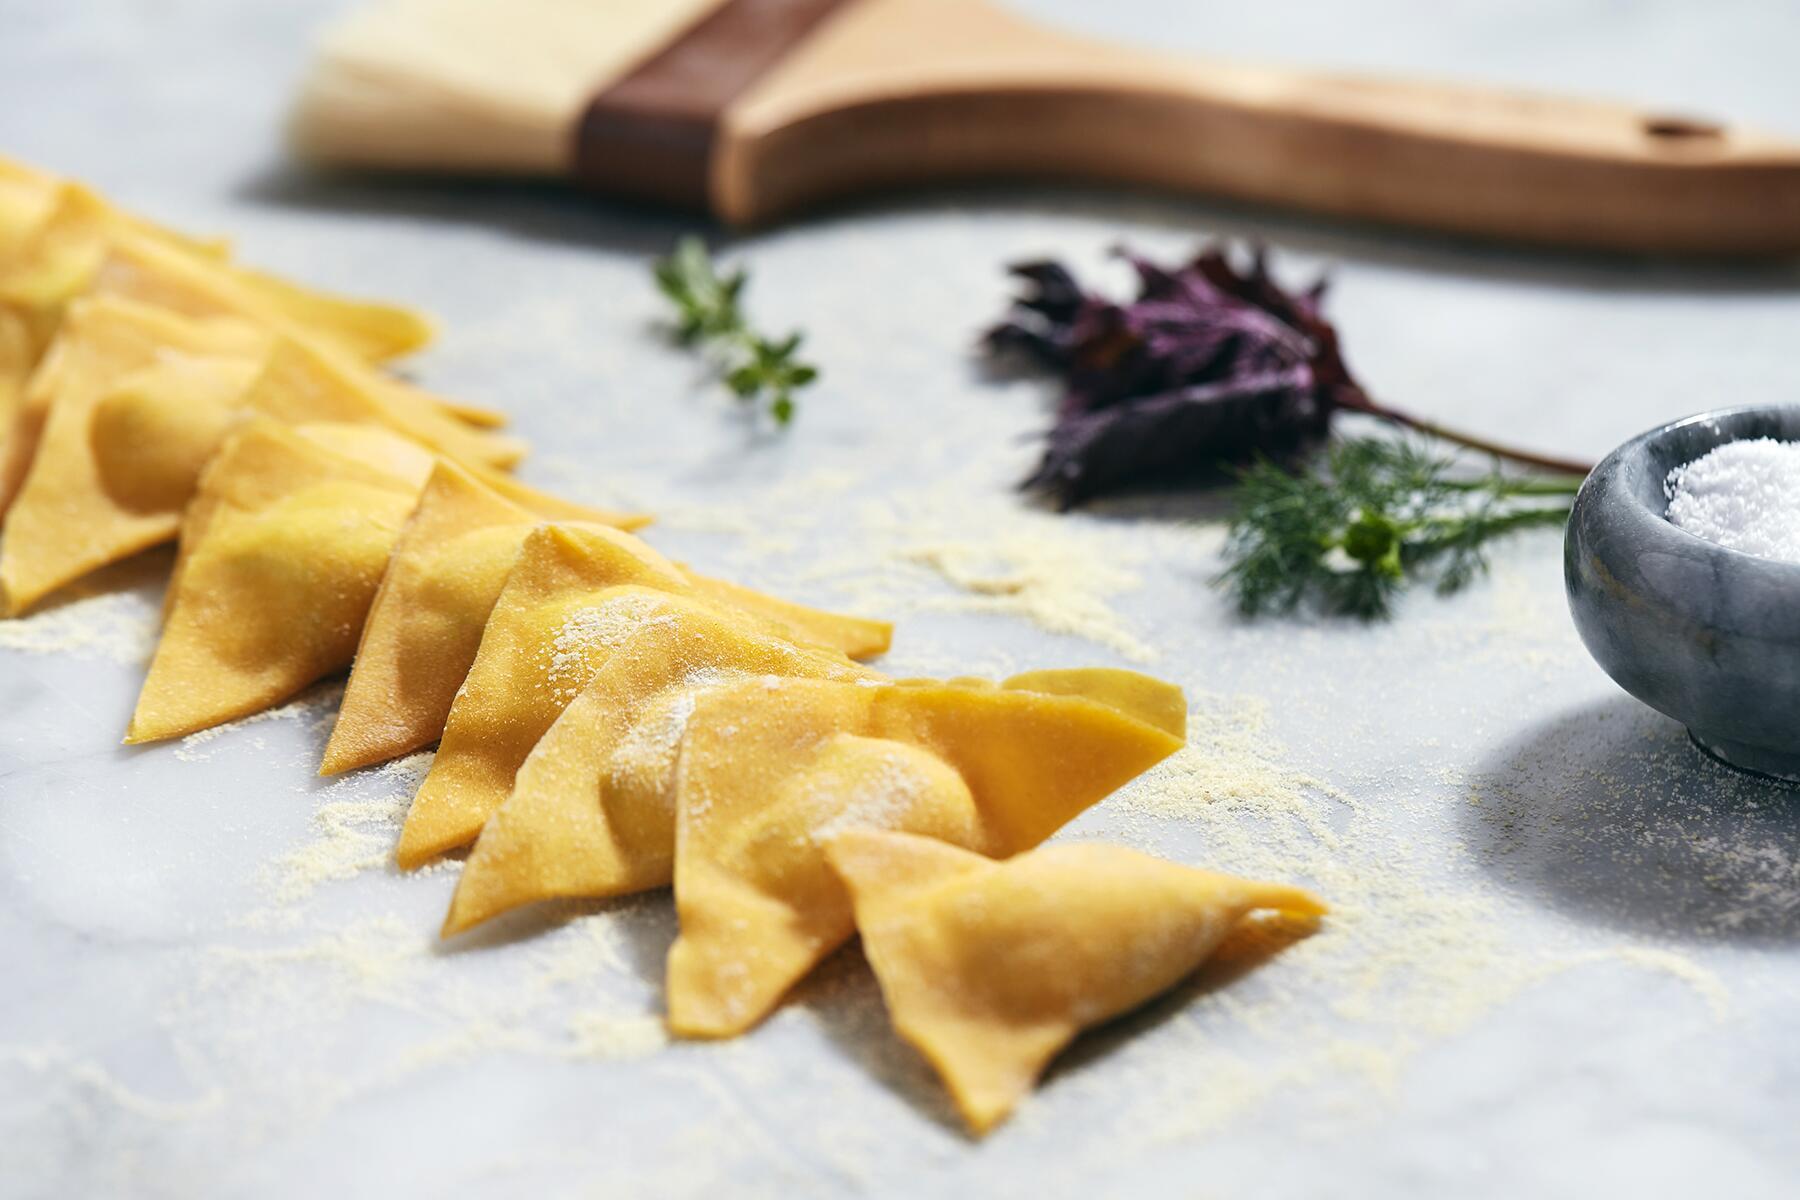 11_ItalianRestaurantsUS__QuinciEmporium_11 QuinciEmporium_60